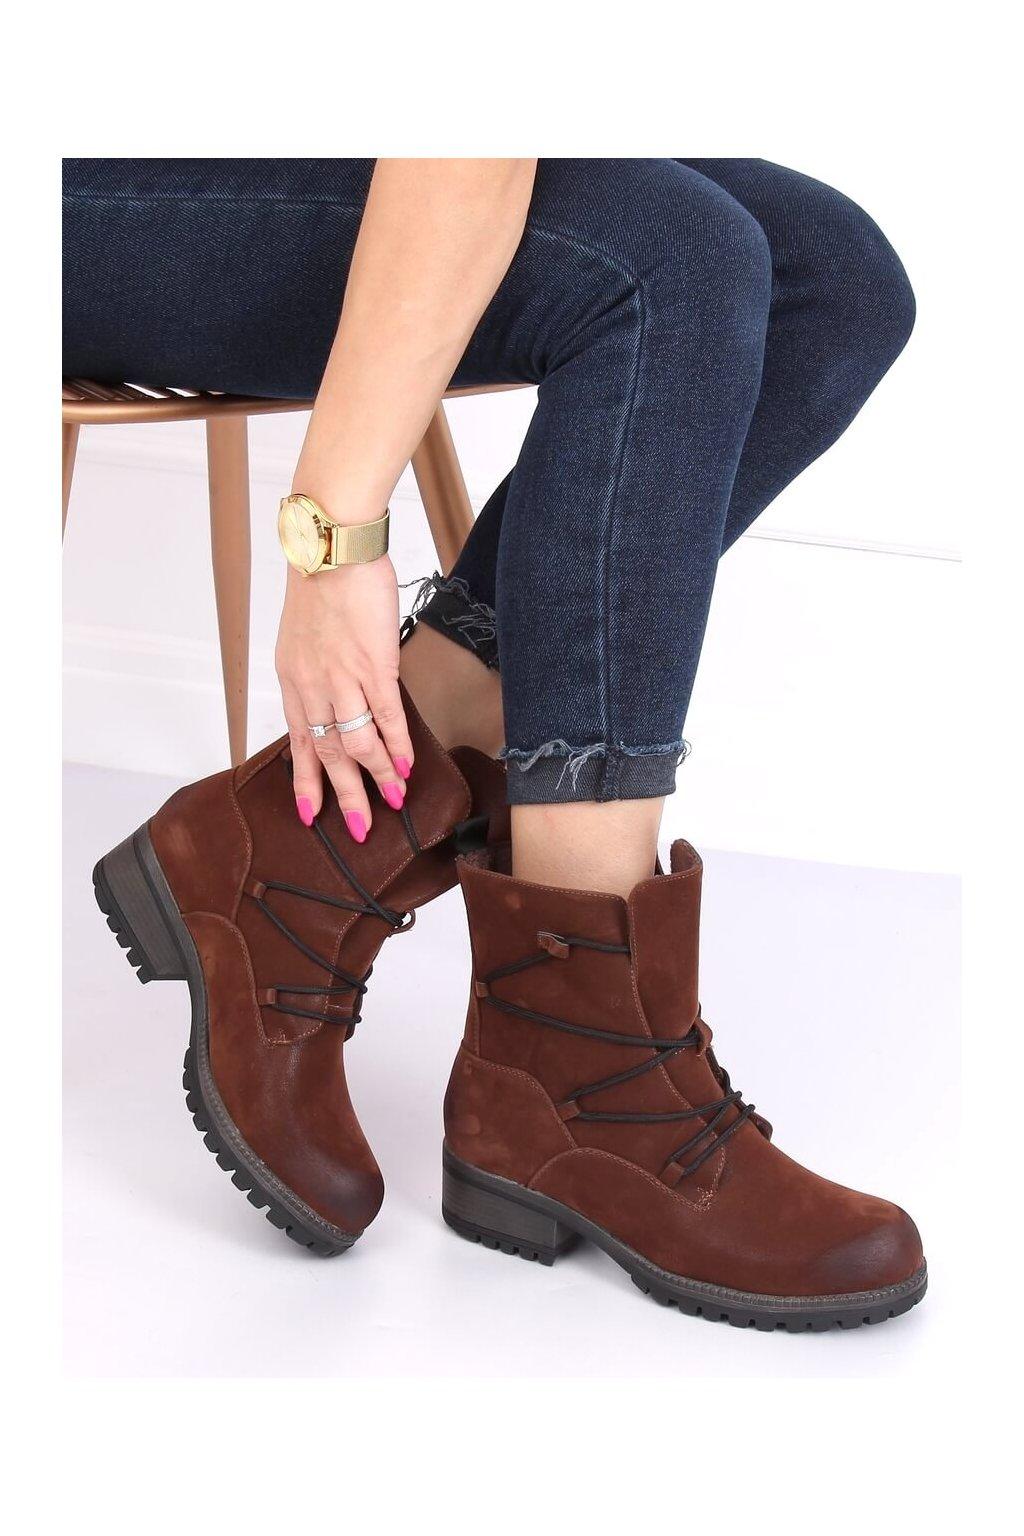 Dámske členkové topánky hnedé na širokom podpätku K1936104